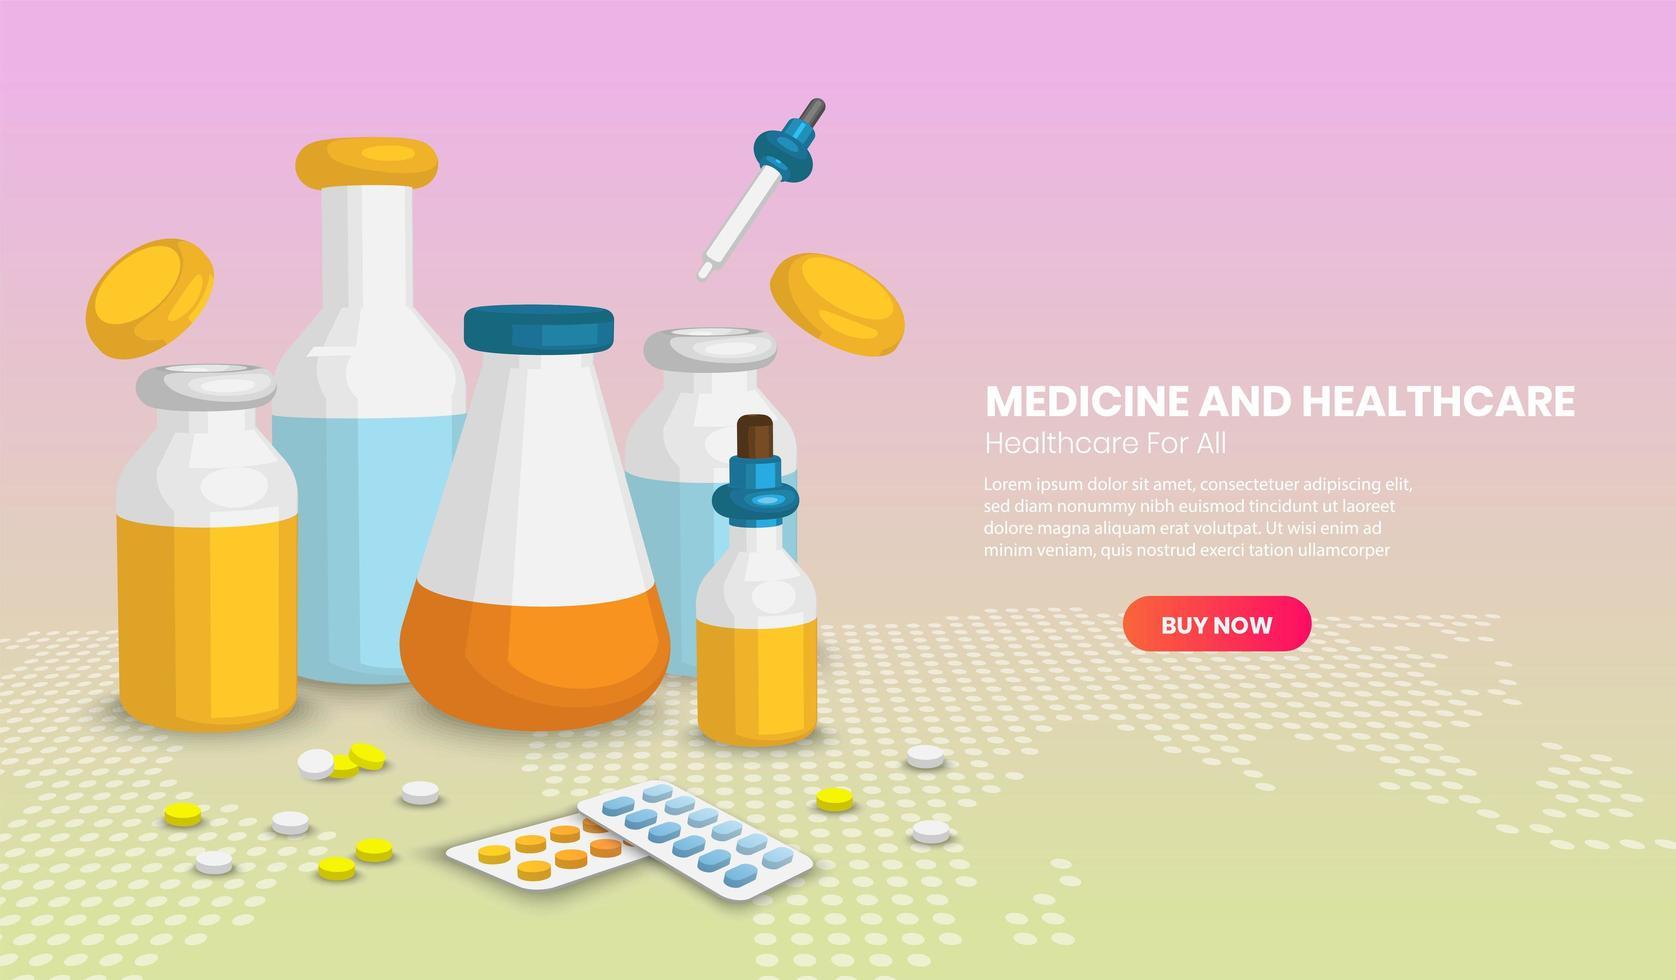 verschiedene medizinische Flaschen und Pillen vektor